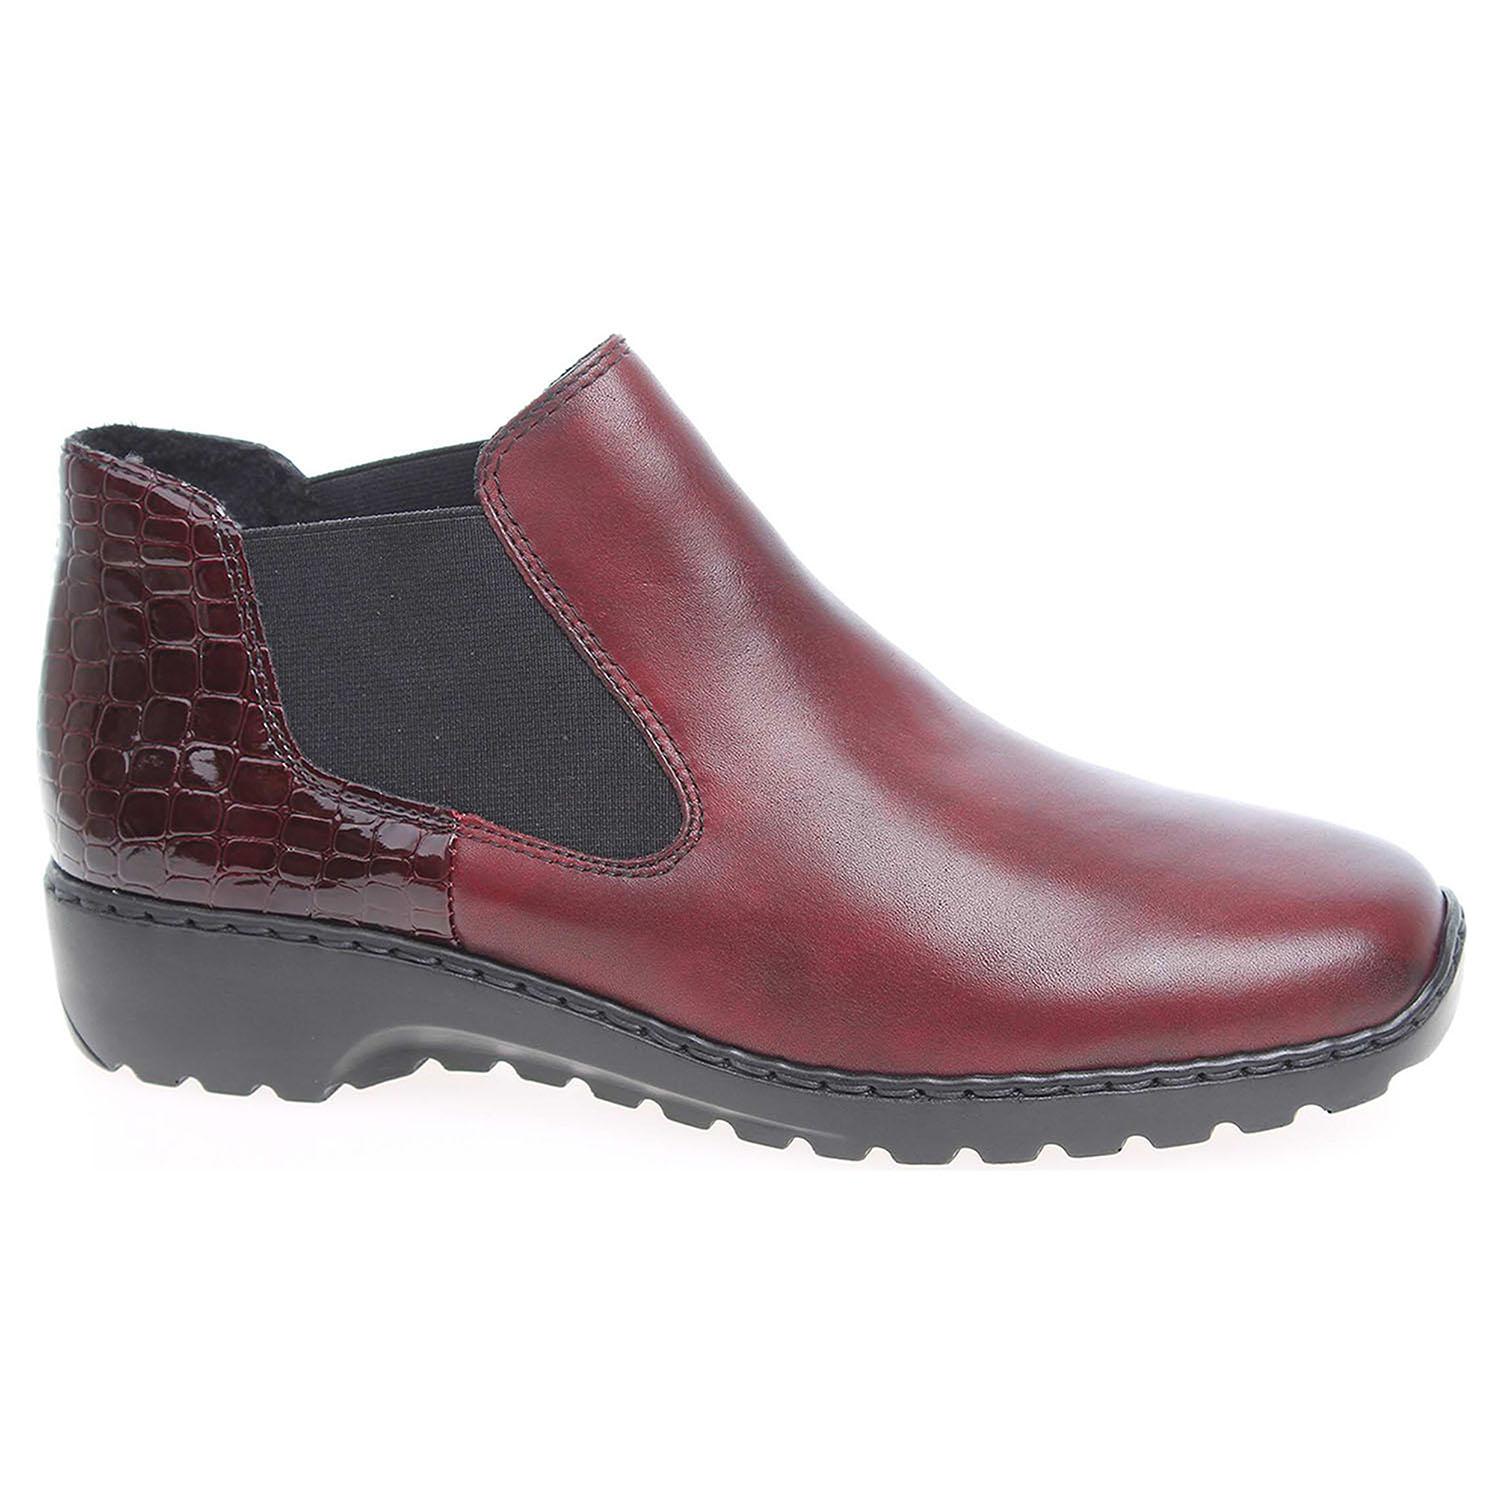 Dámská kotníková obuv Rieker L6090-35 rot L6090-35 36